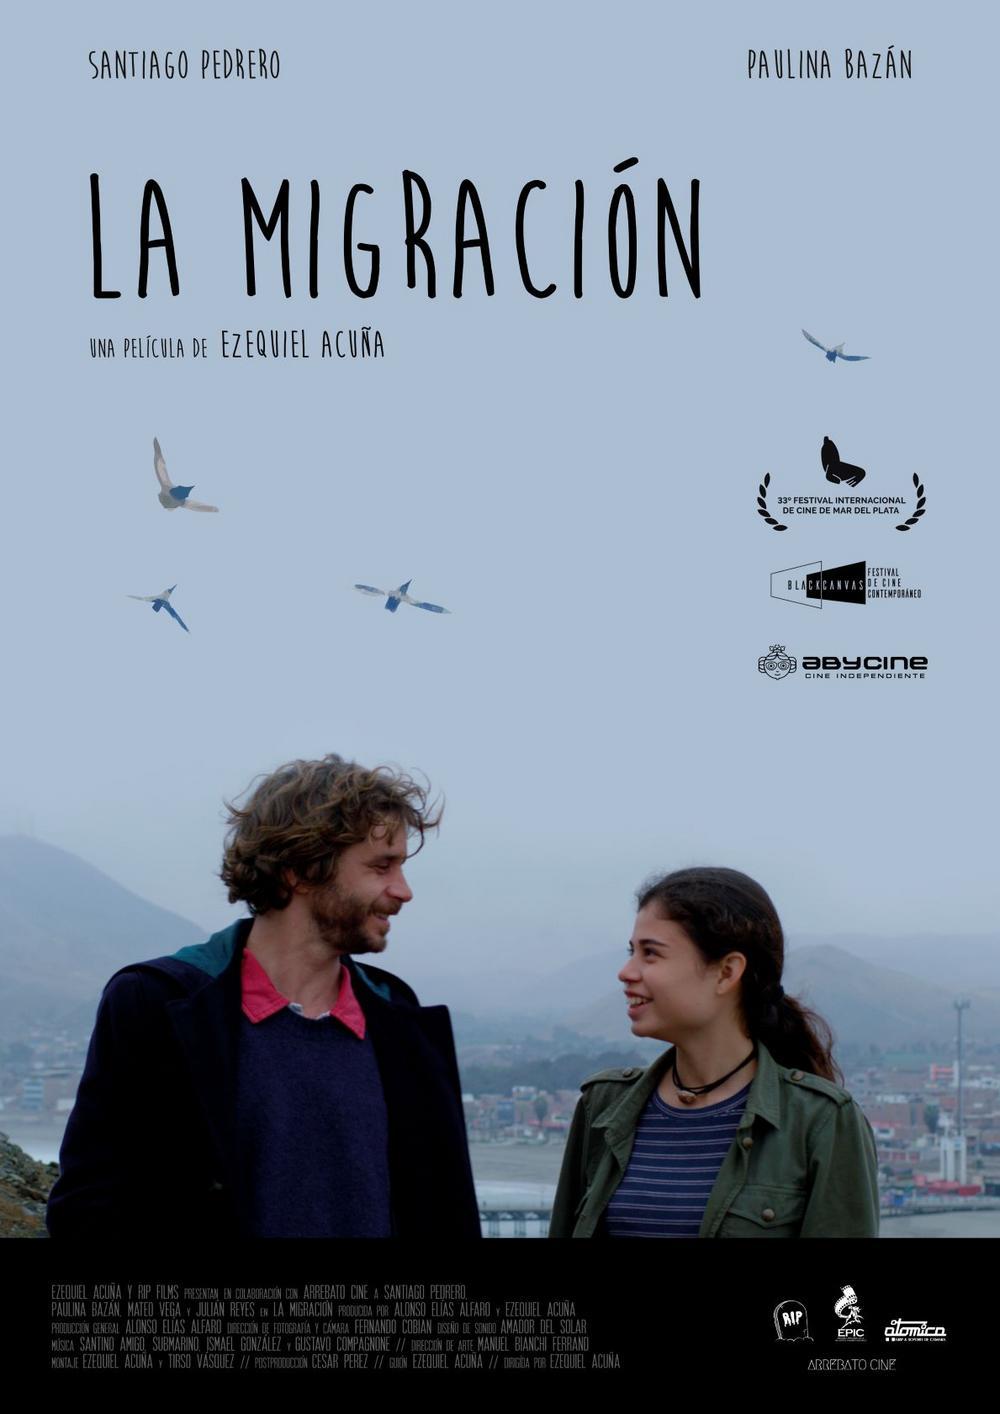 Película peruano-argentina 'La Migración' llega al streaming | Cine |  Coronavirus | Estrenos | La República